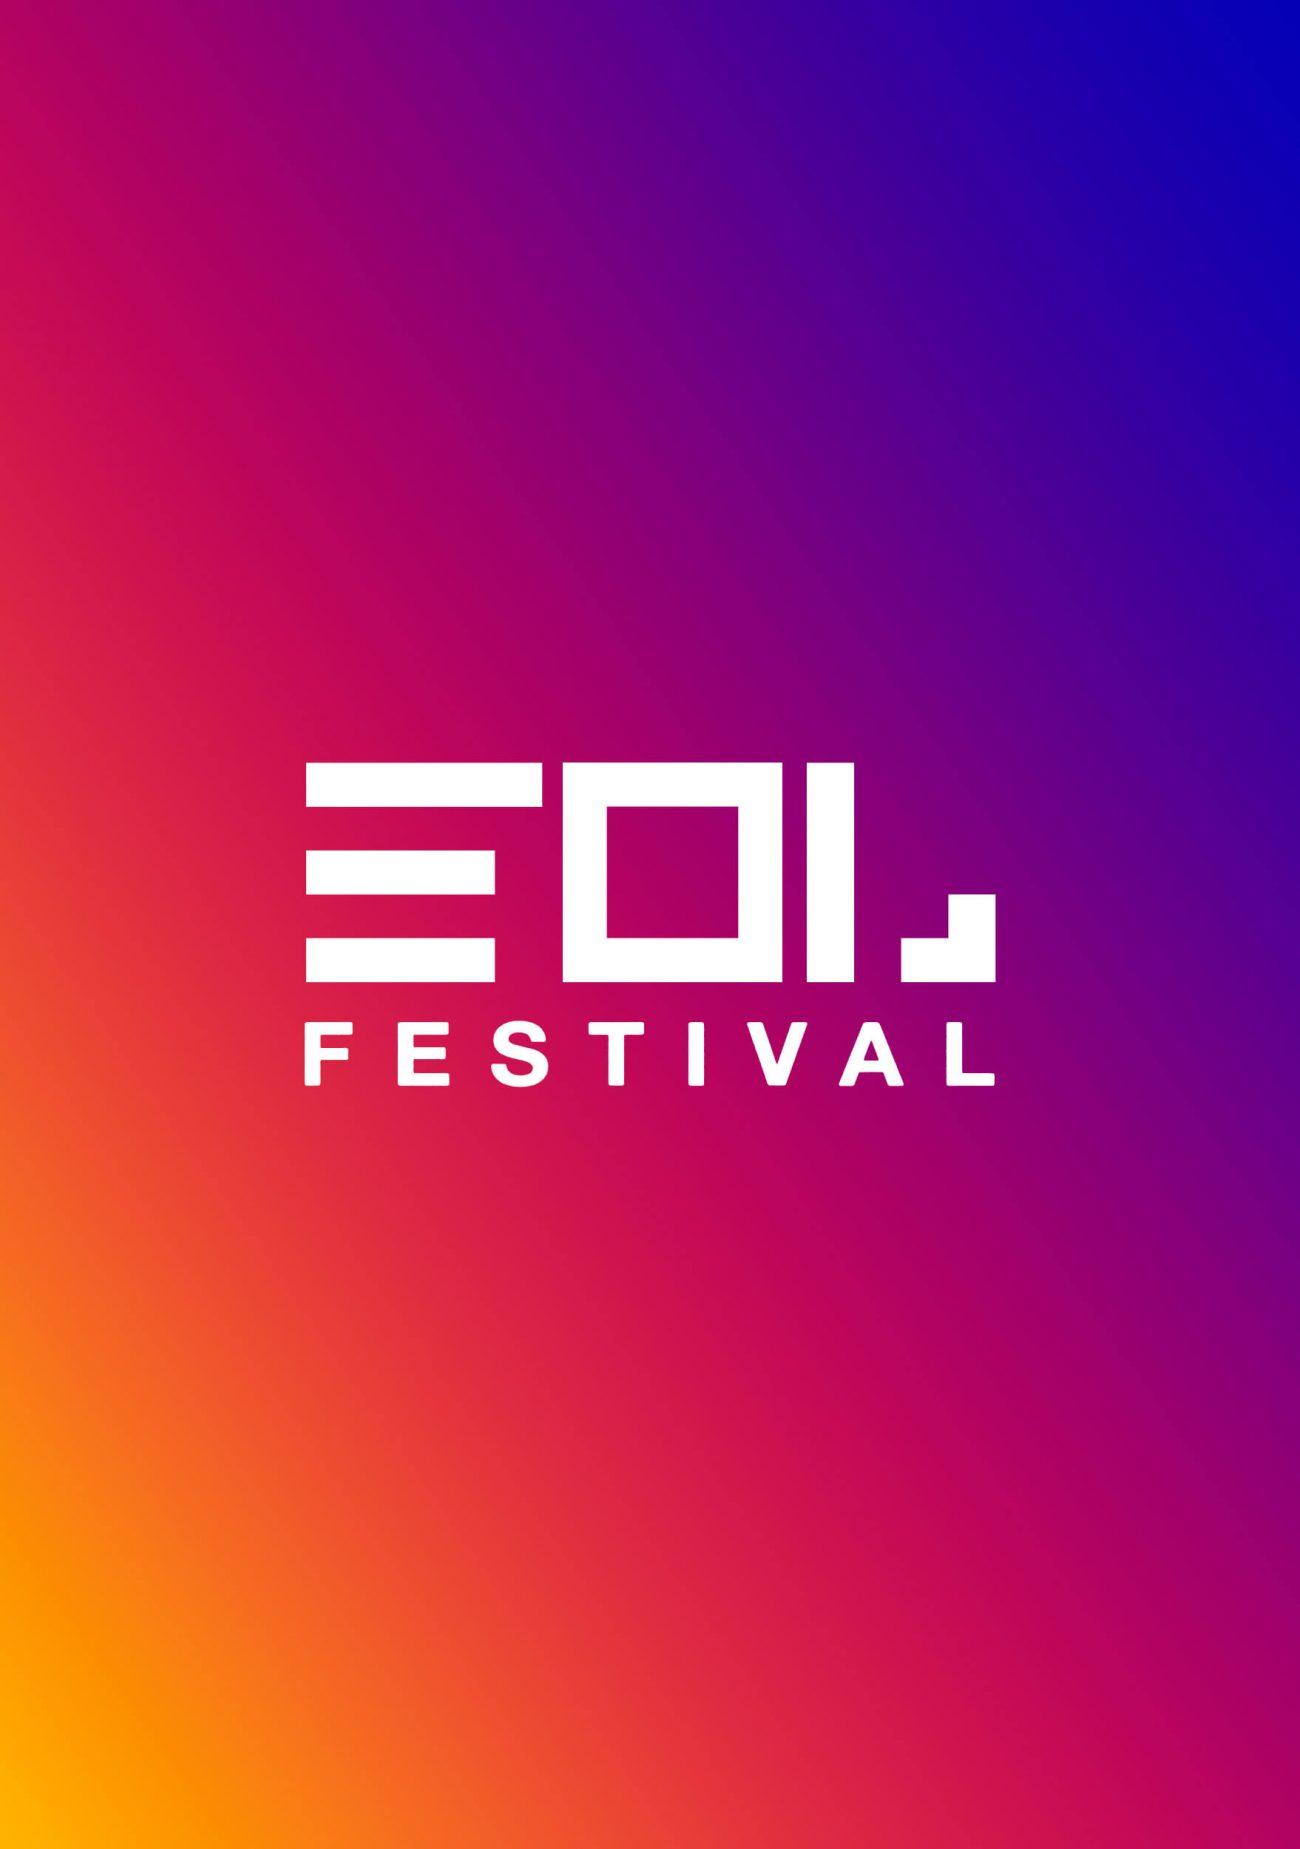 EOL_FESTIVAL1_C (1)